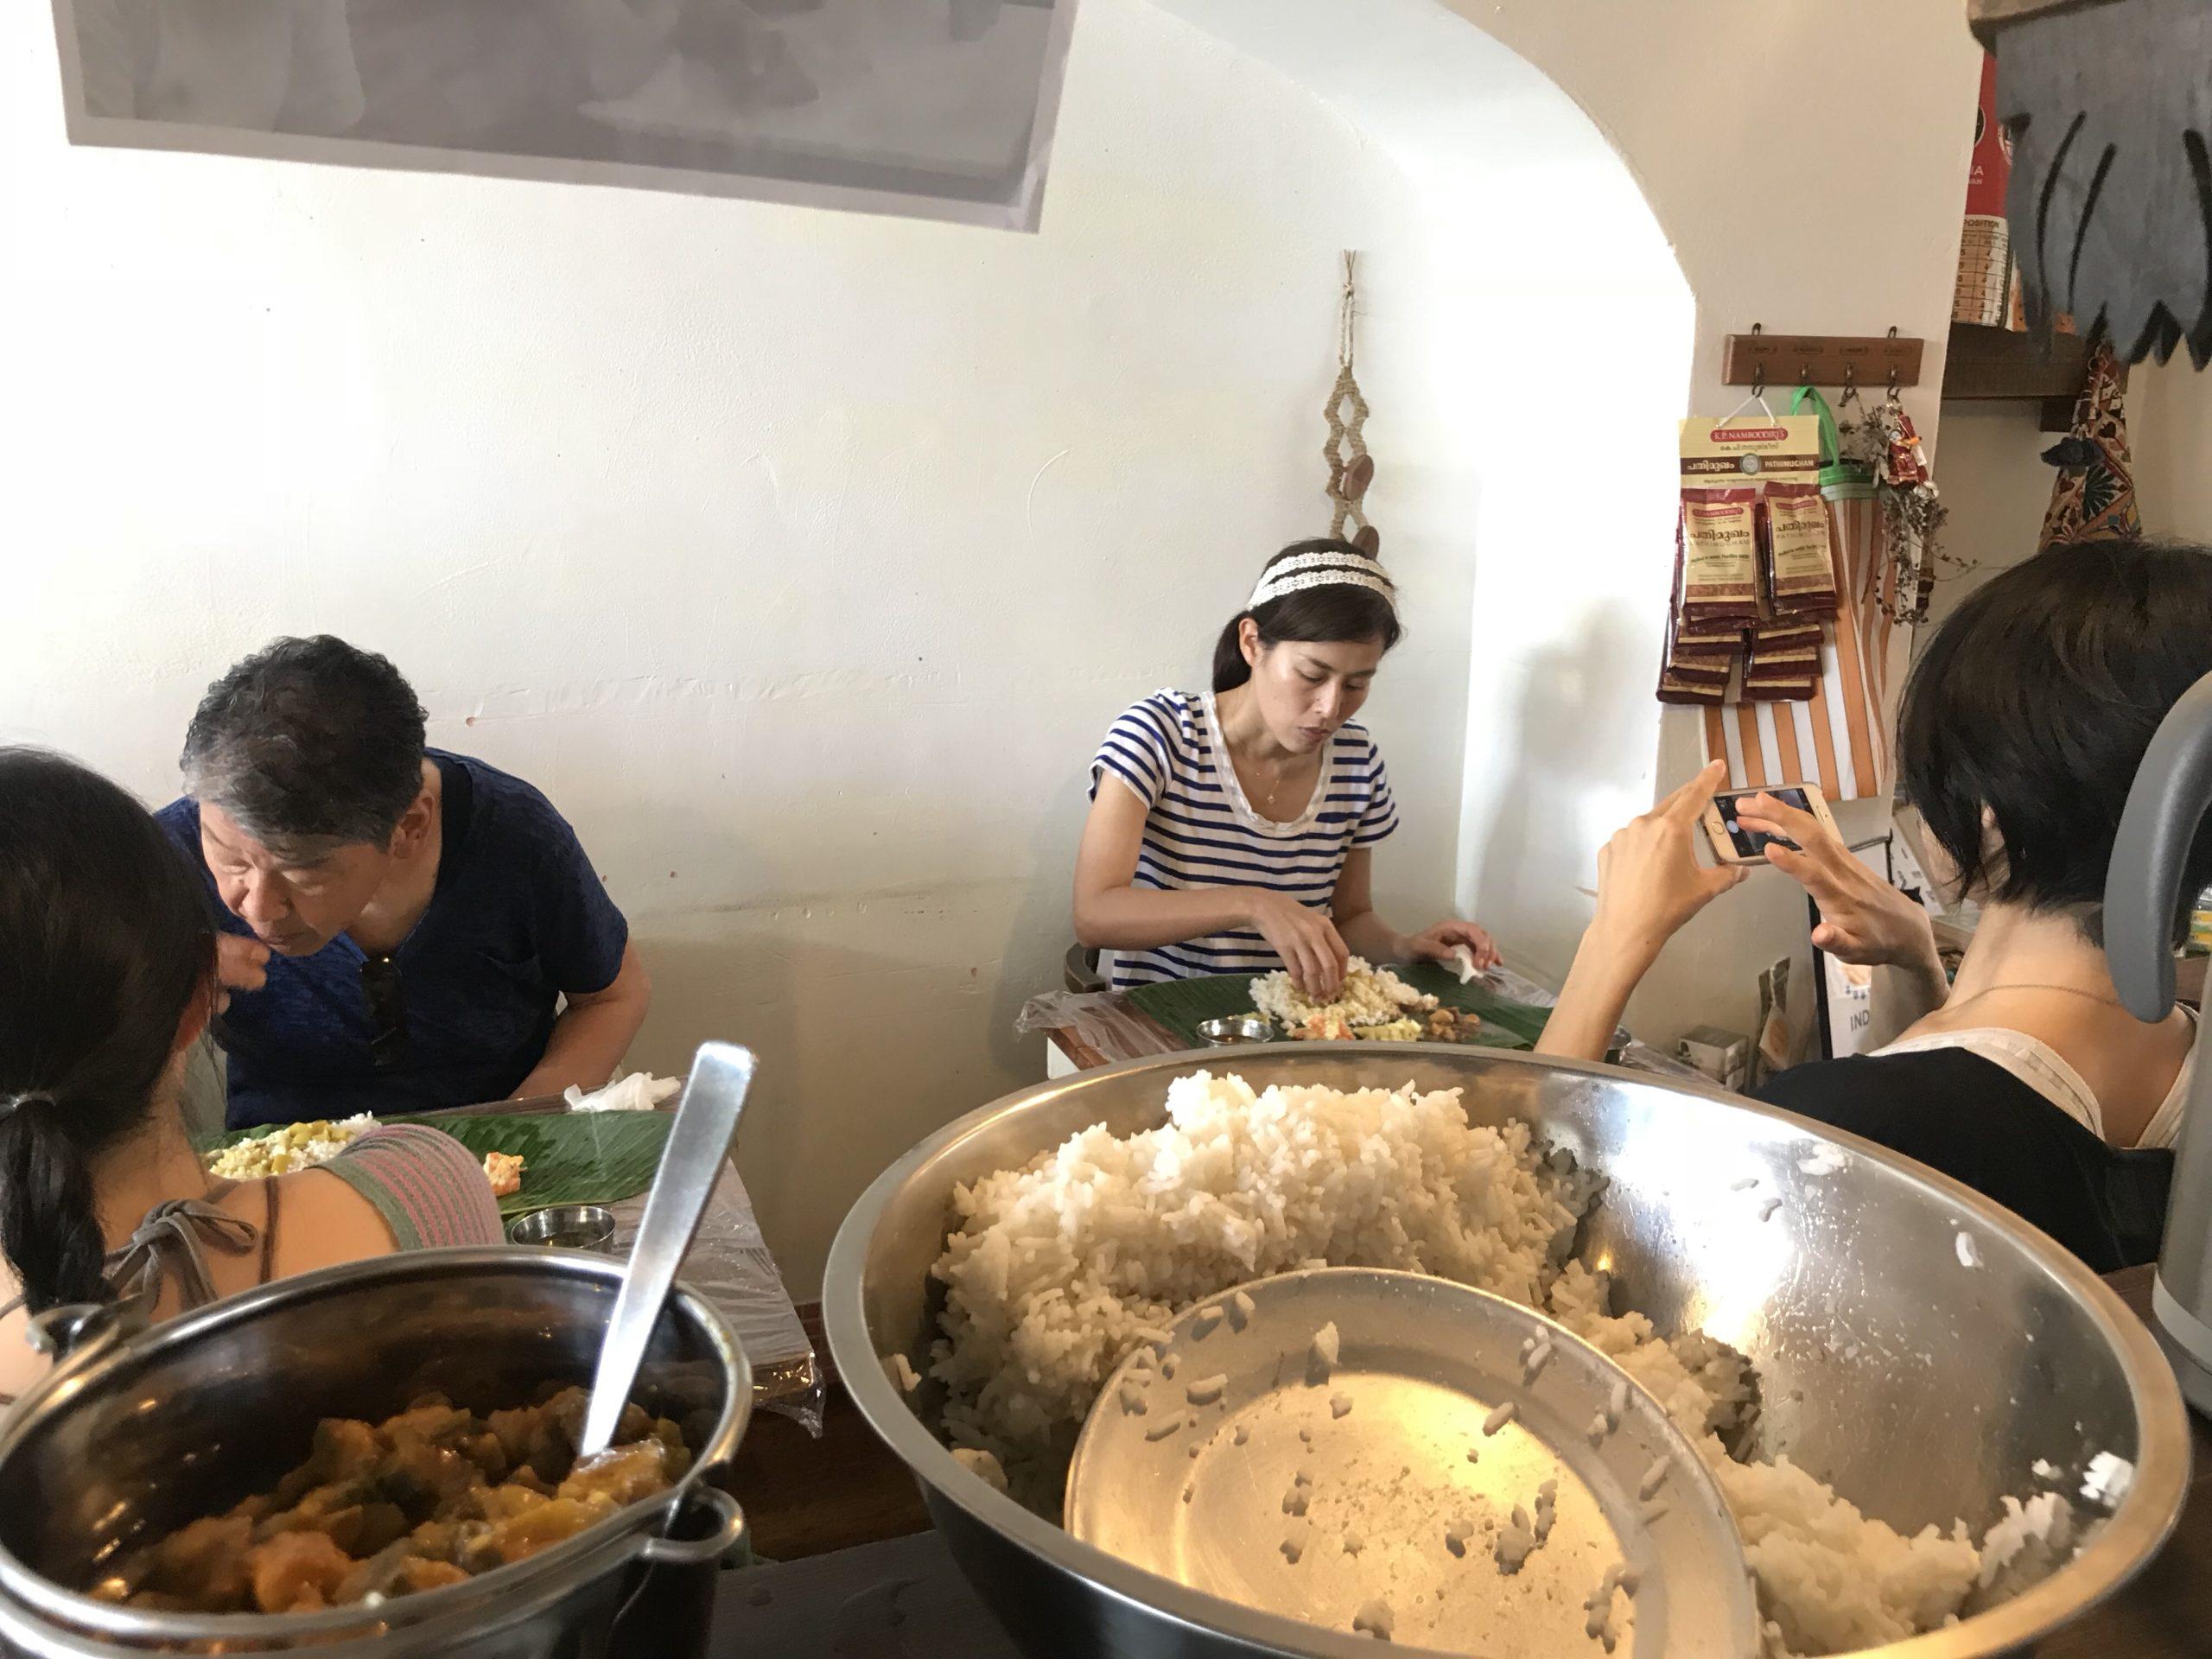 マサラワーラー食べさせられ放題 in 茅ヶ崎